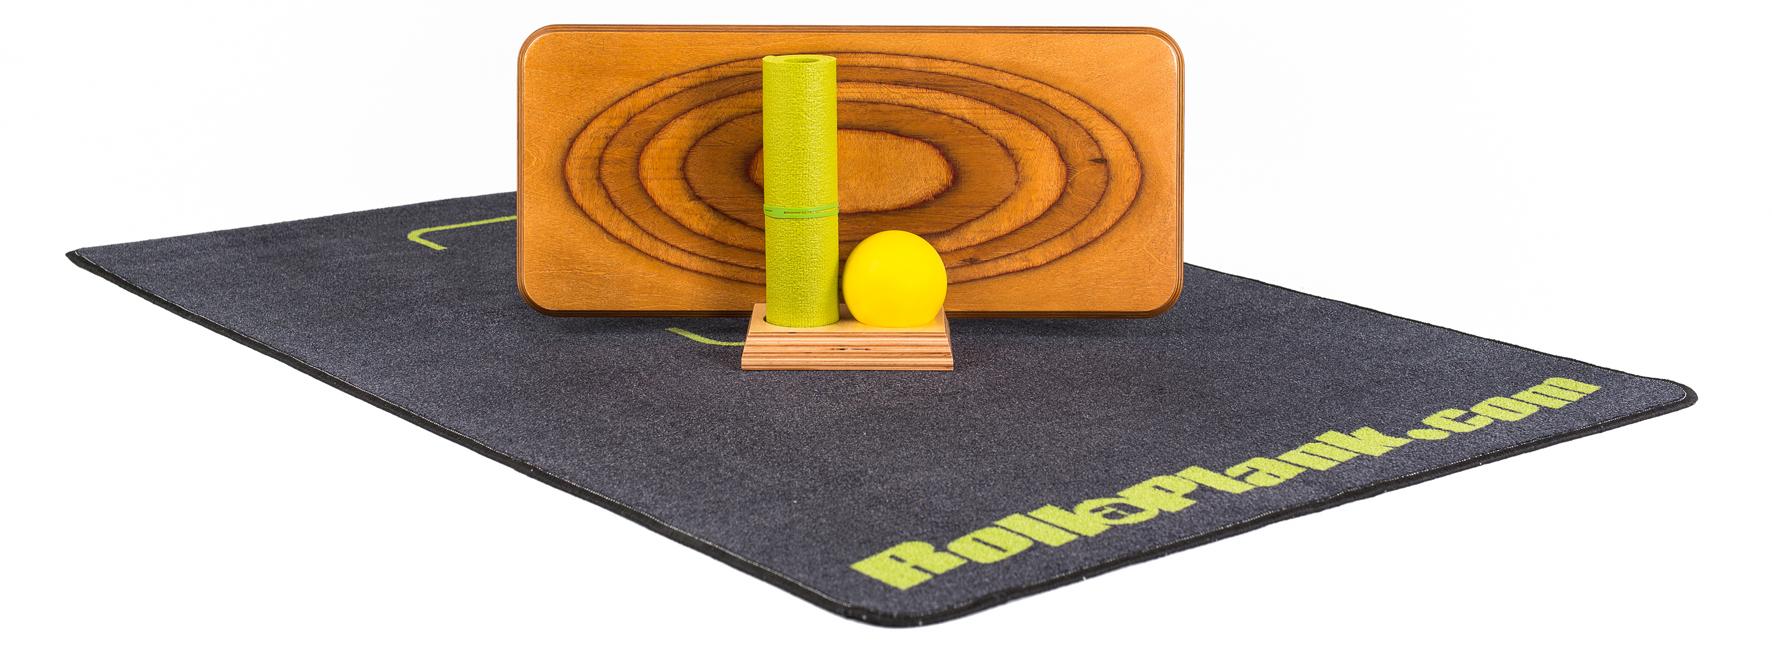 Das Komplettset besteht aus Brett, Ball, Matte, Teppich und Aufbewahrungsmodul.